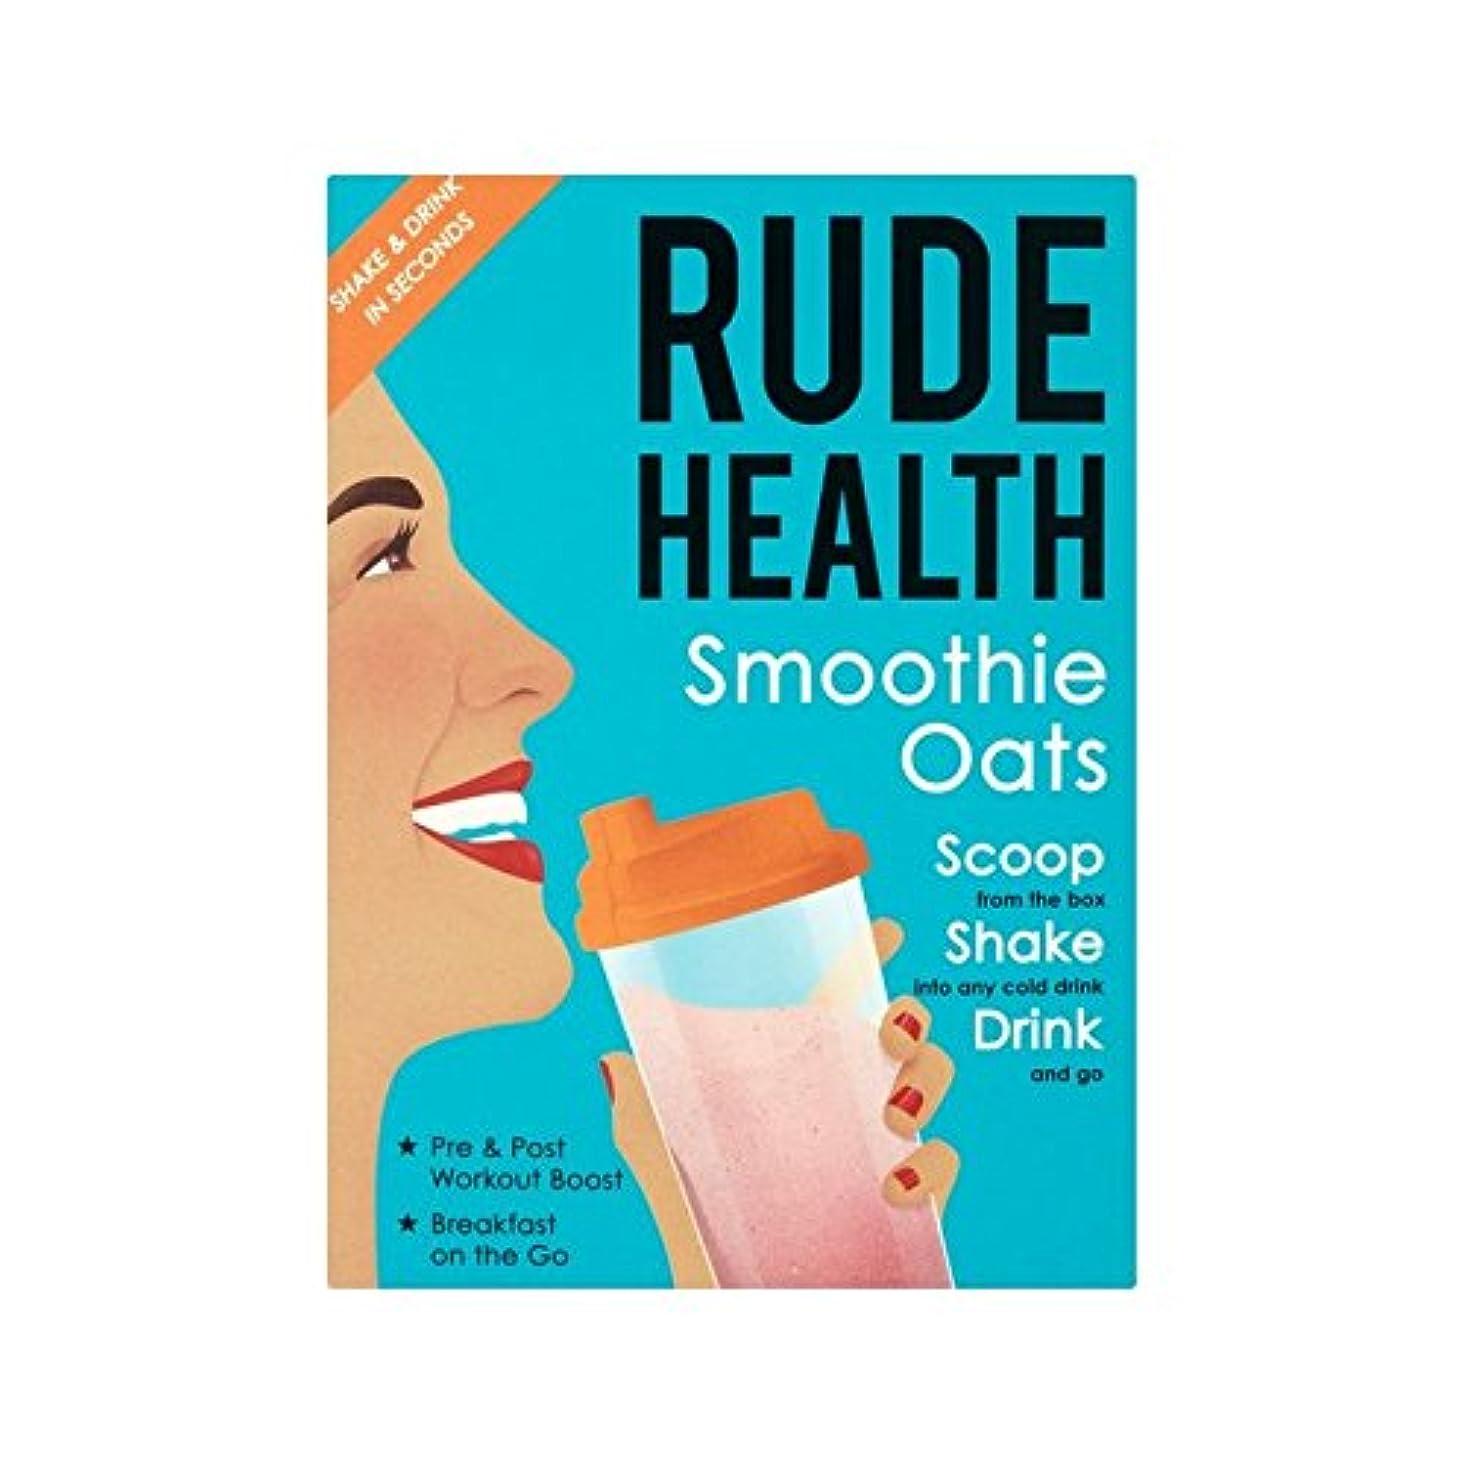 説教するトロイの木馬要求スムージーオート麦250グラム (Rude Health) (x 6) - Rude Health Smoothie Oats 250g (Pack of 6) [並行輸入品]